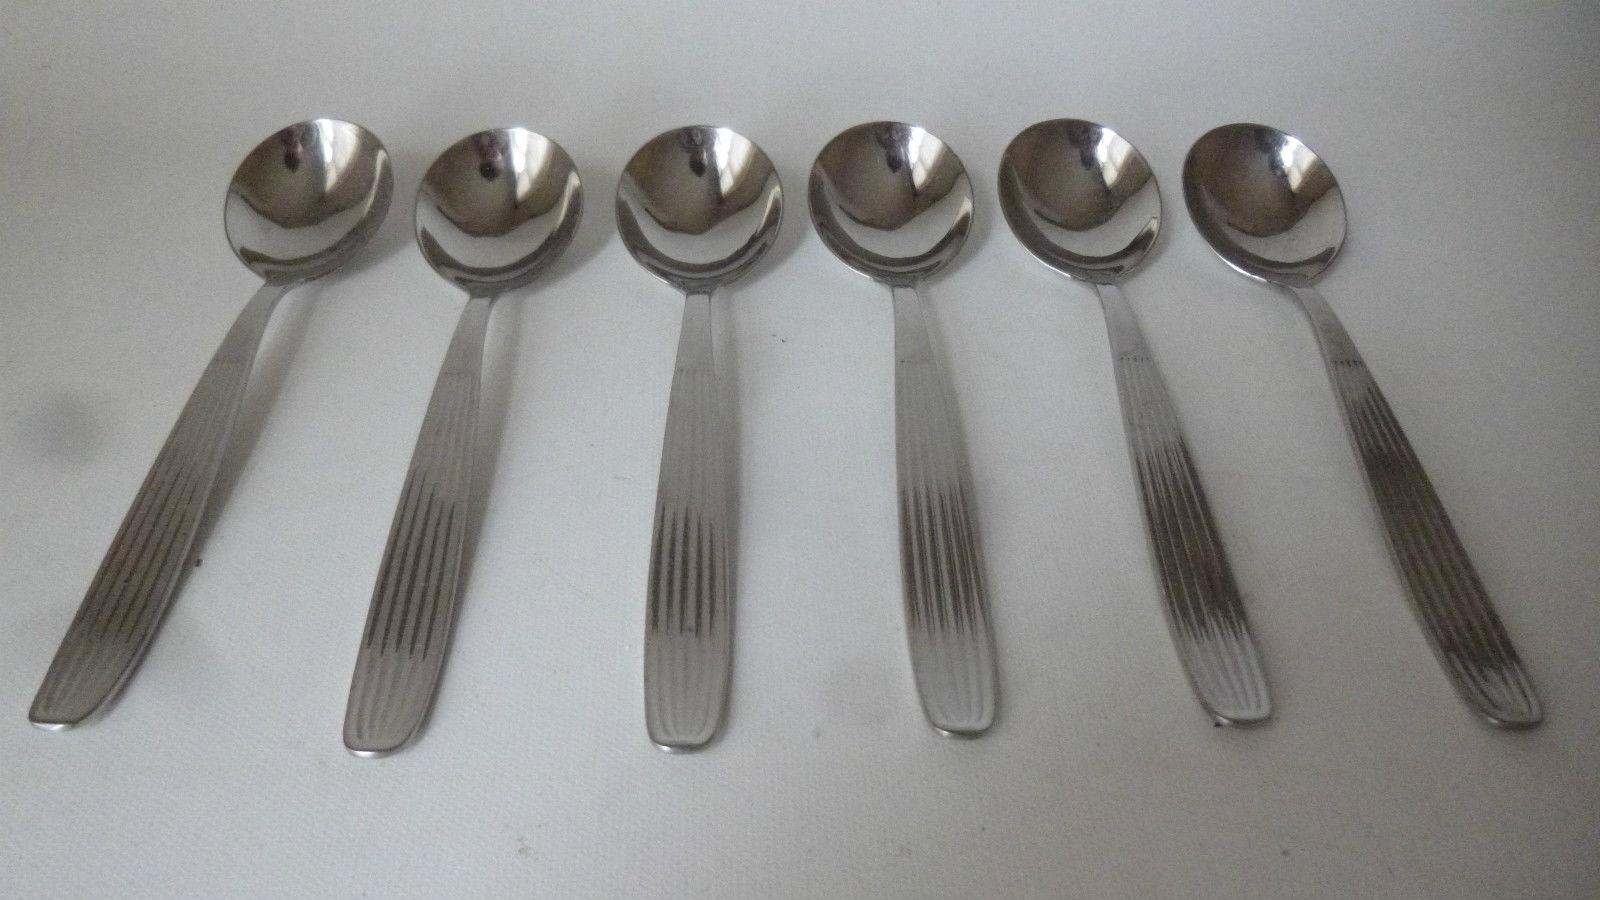 Kaj Franck Hackman spoons